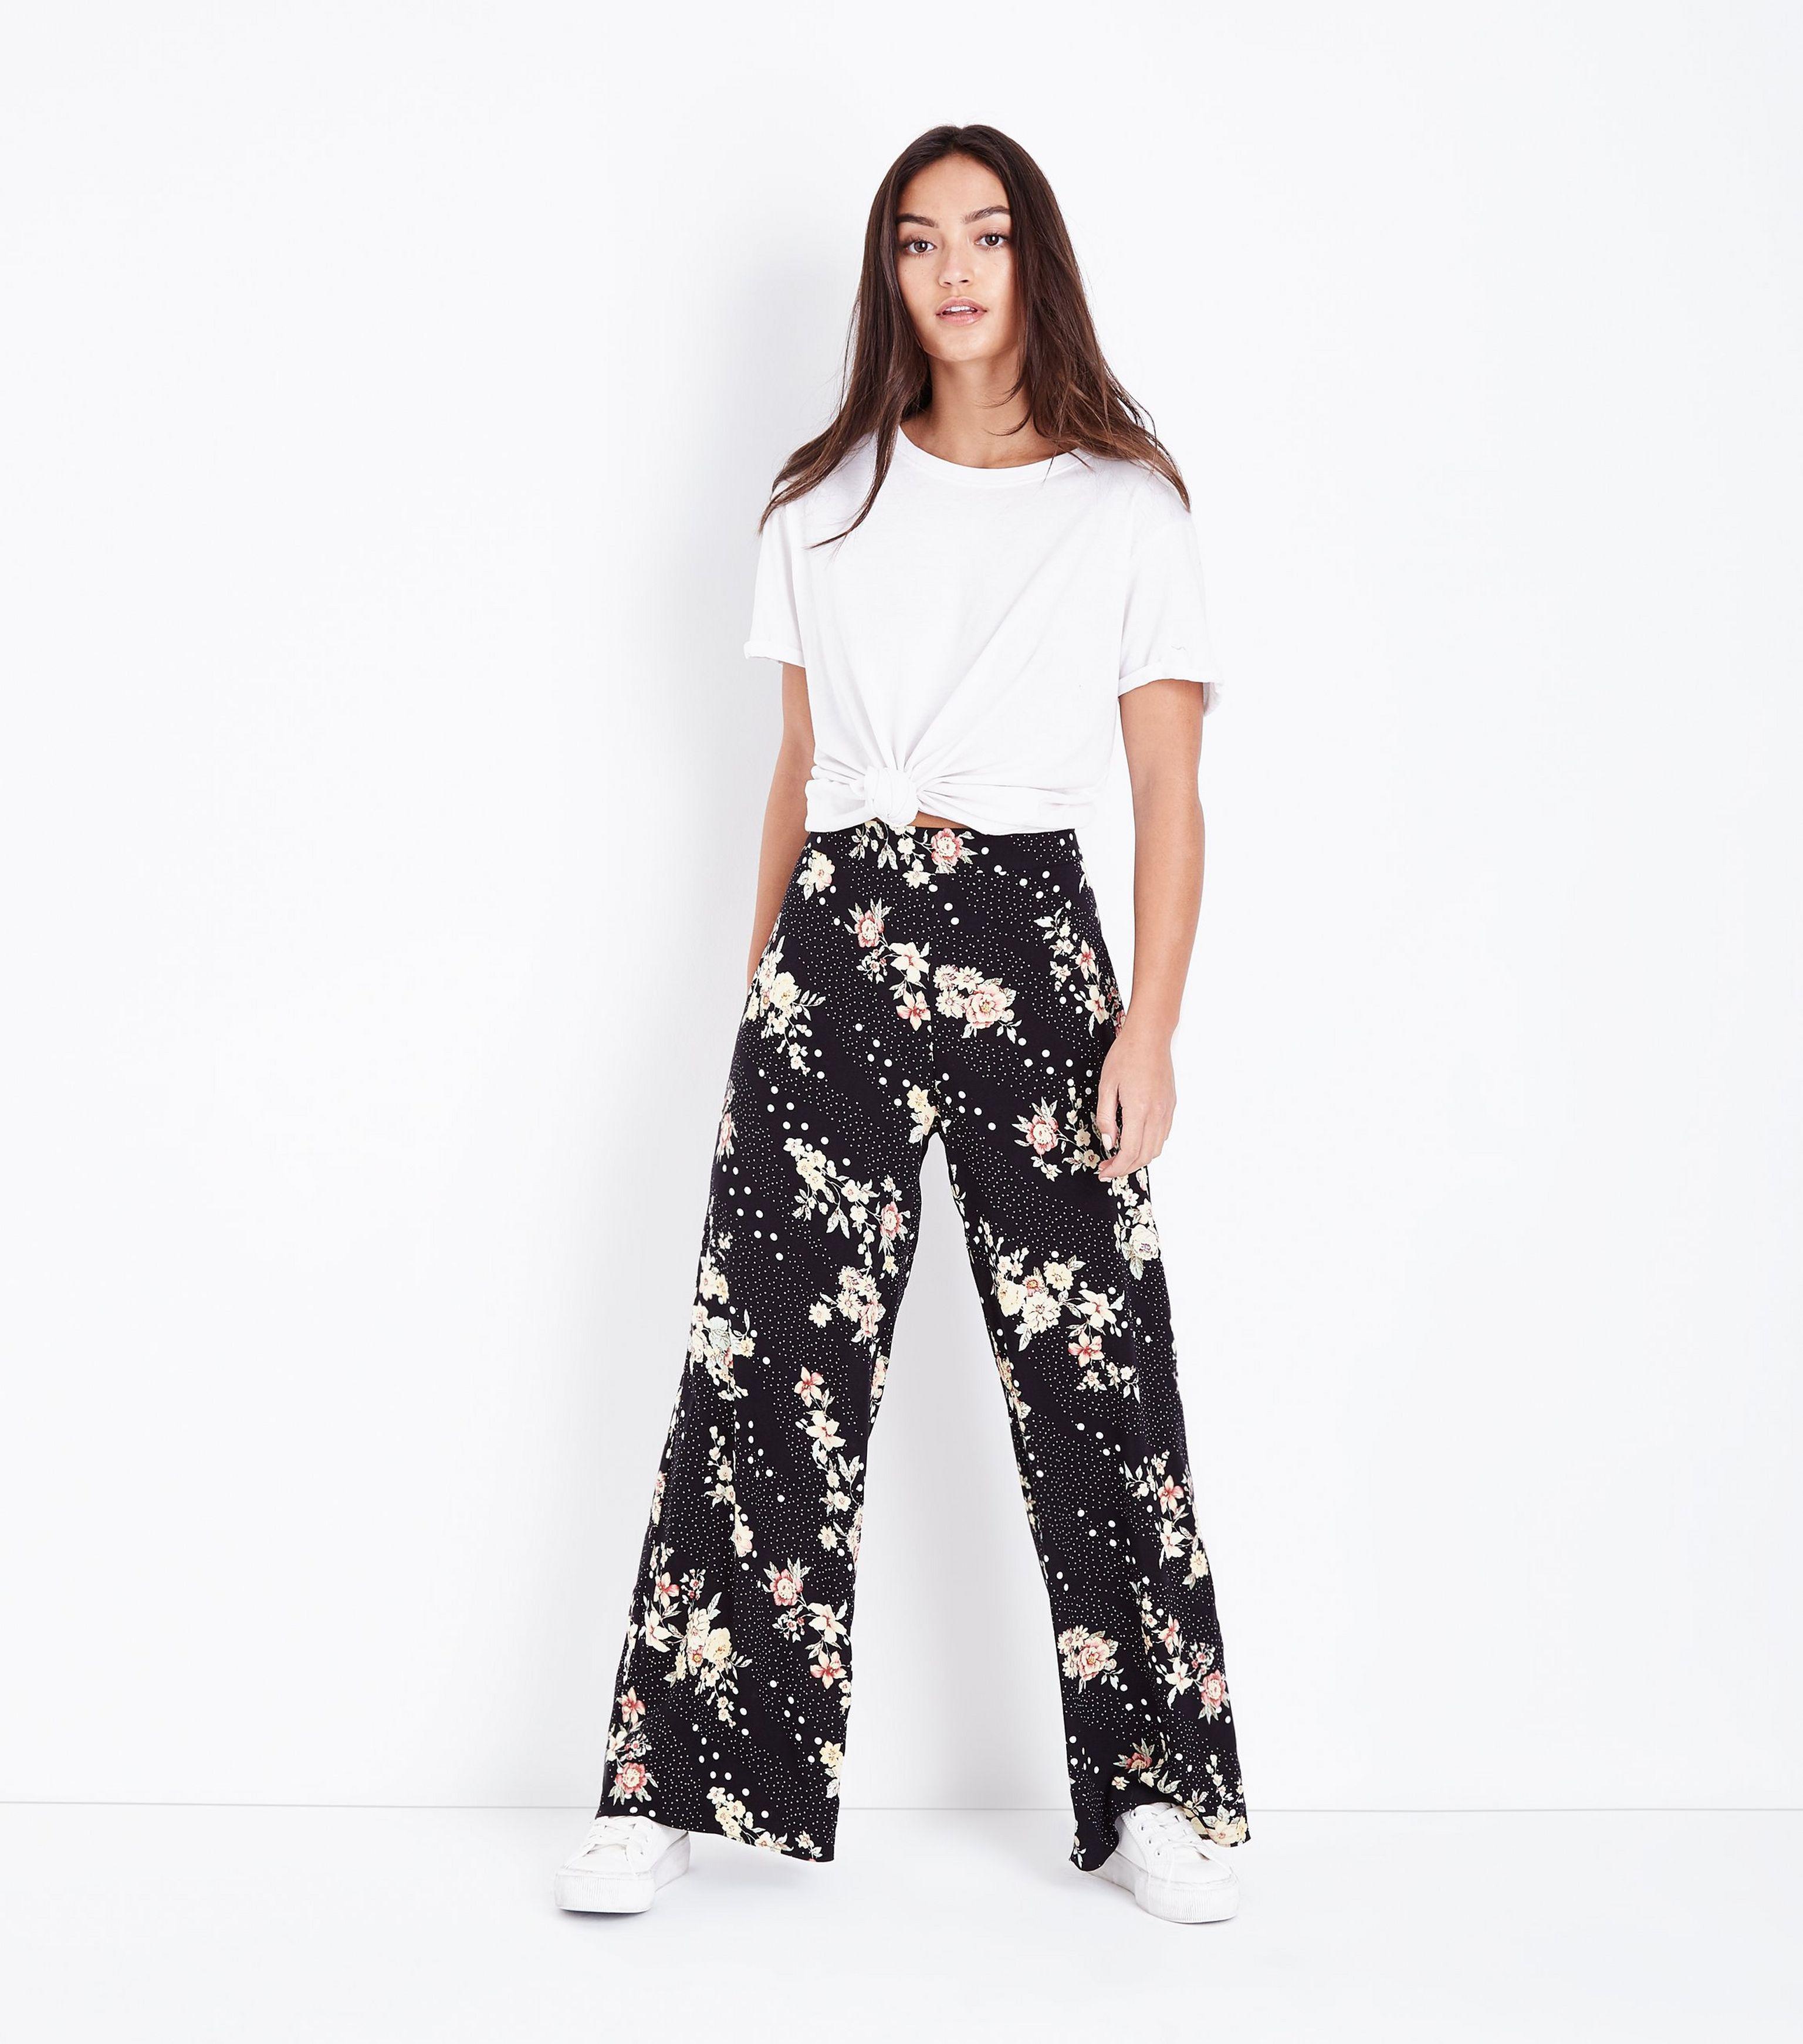 3a51fa2da45 New Look Petite Black Floral Spot Print Wide Leg Trousers in Black ...